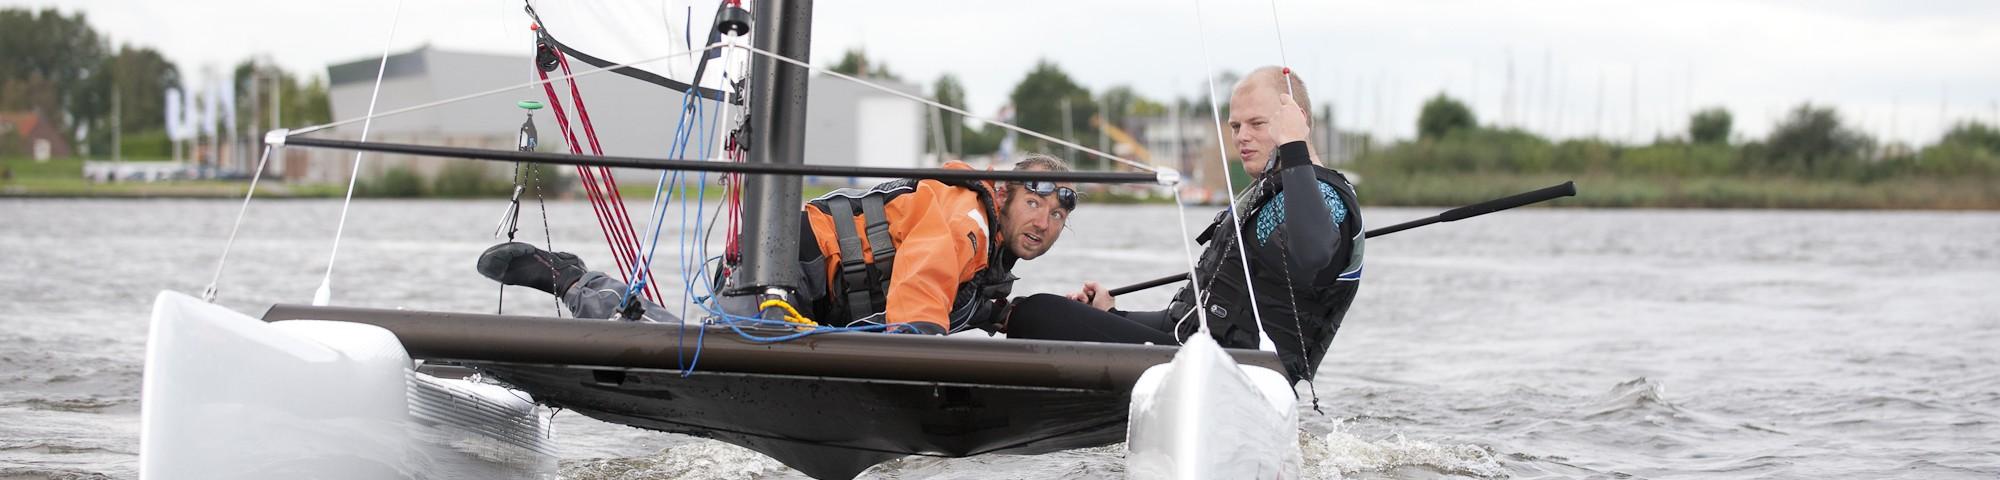 Catamaran zeilen | Eemhof Watersport